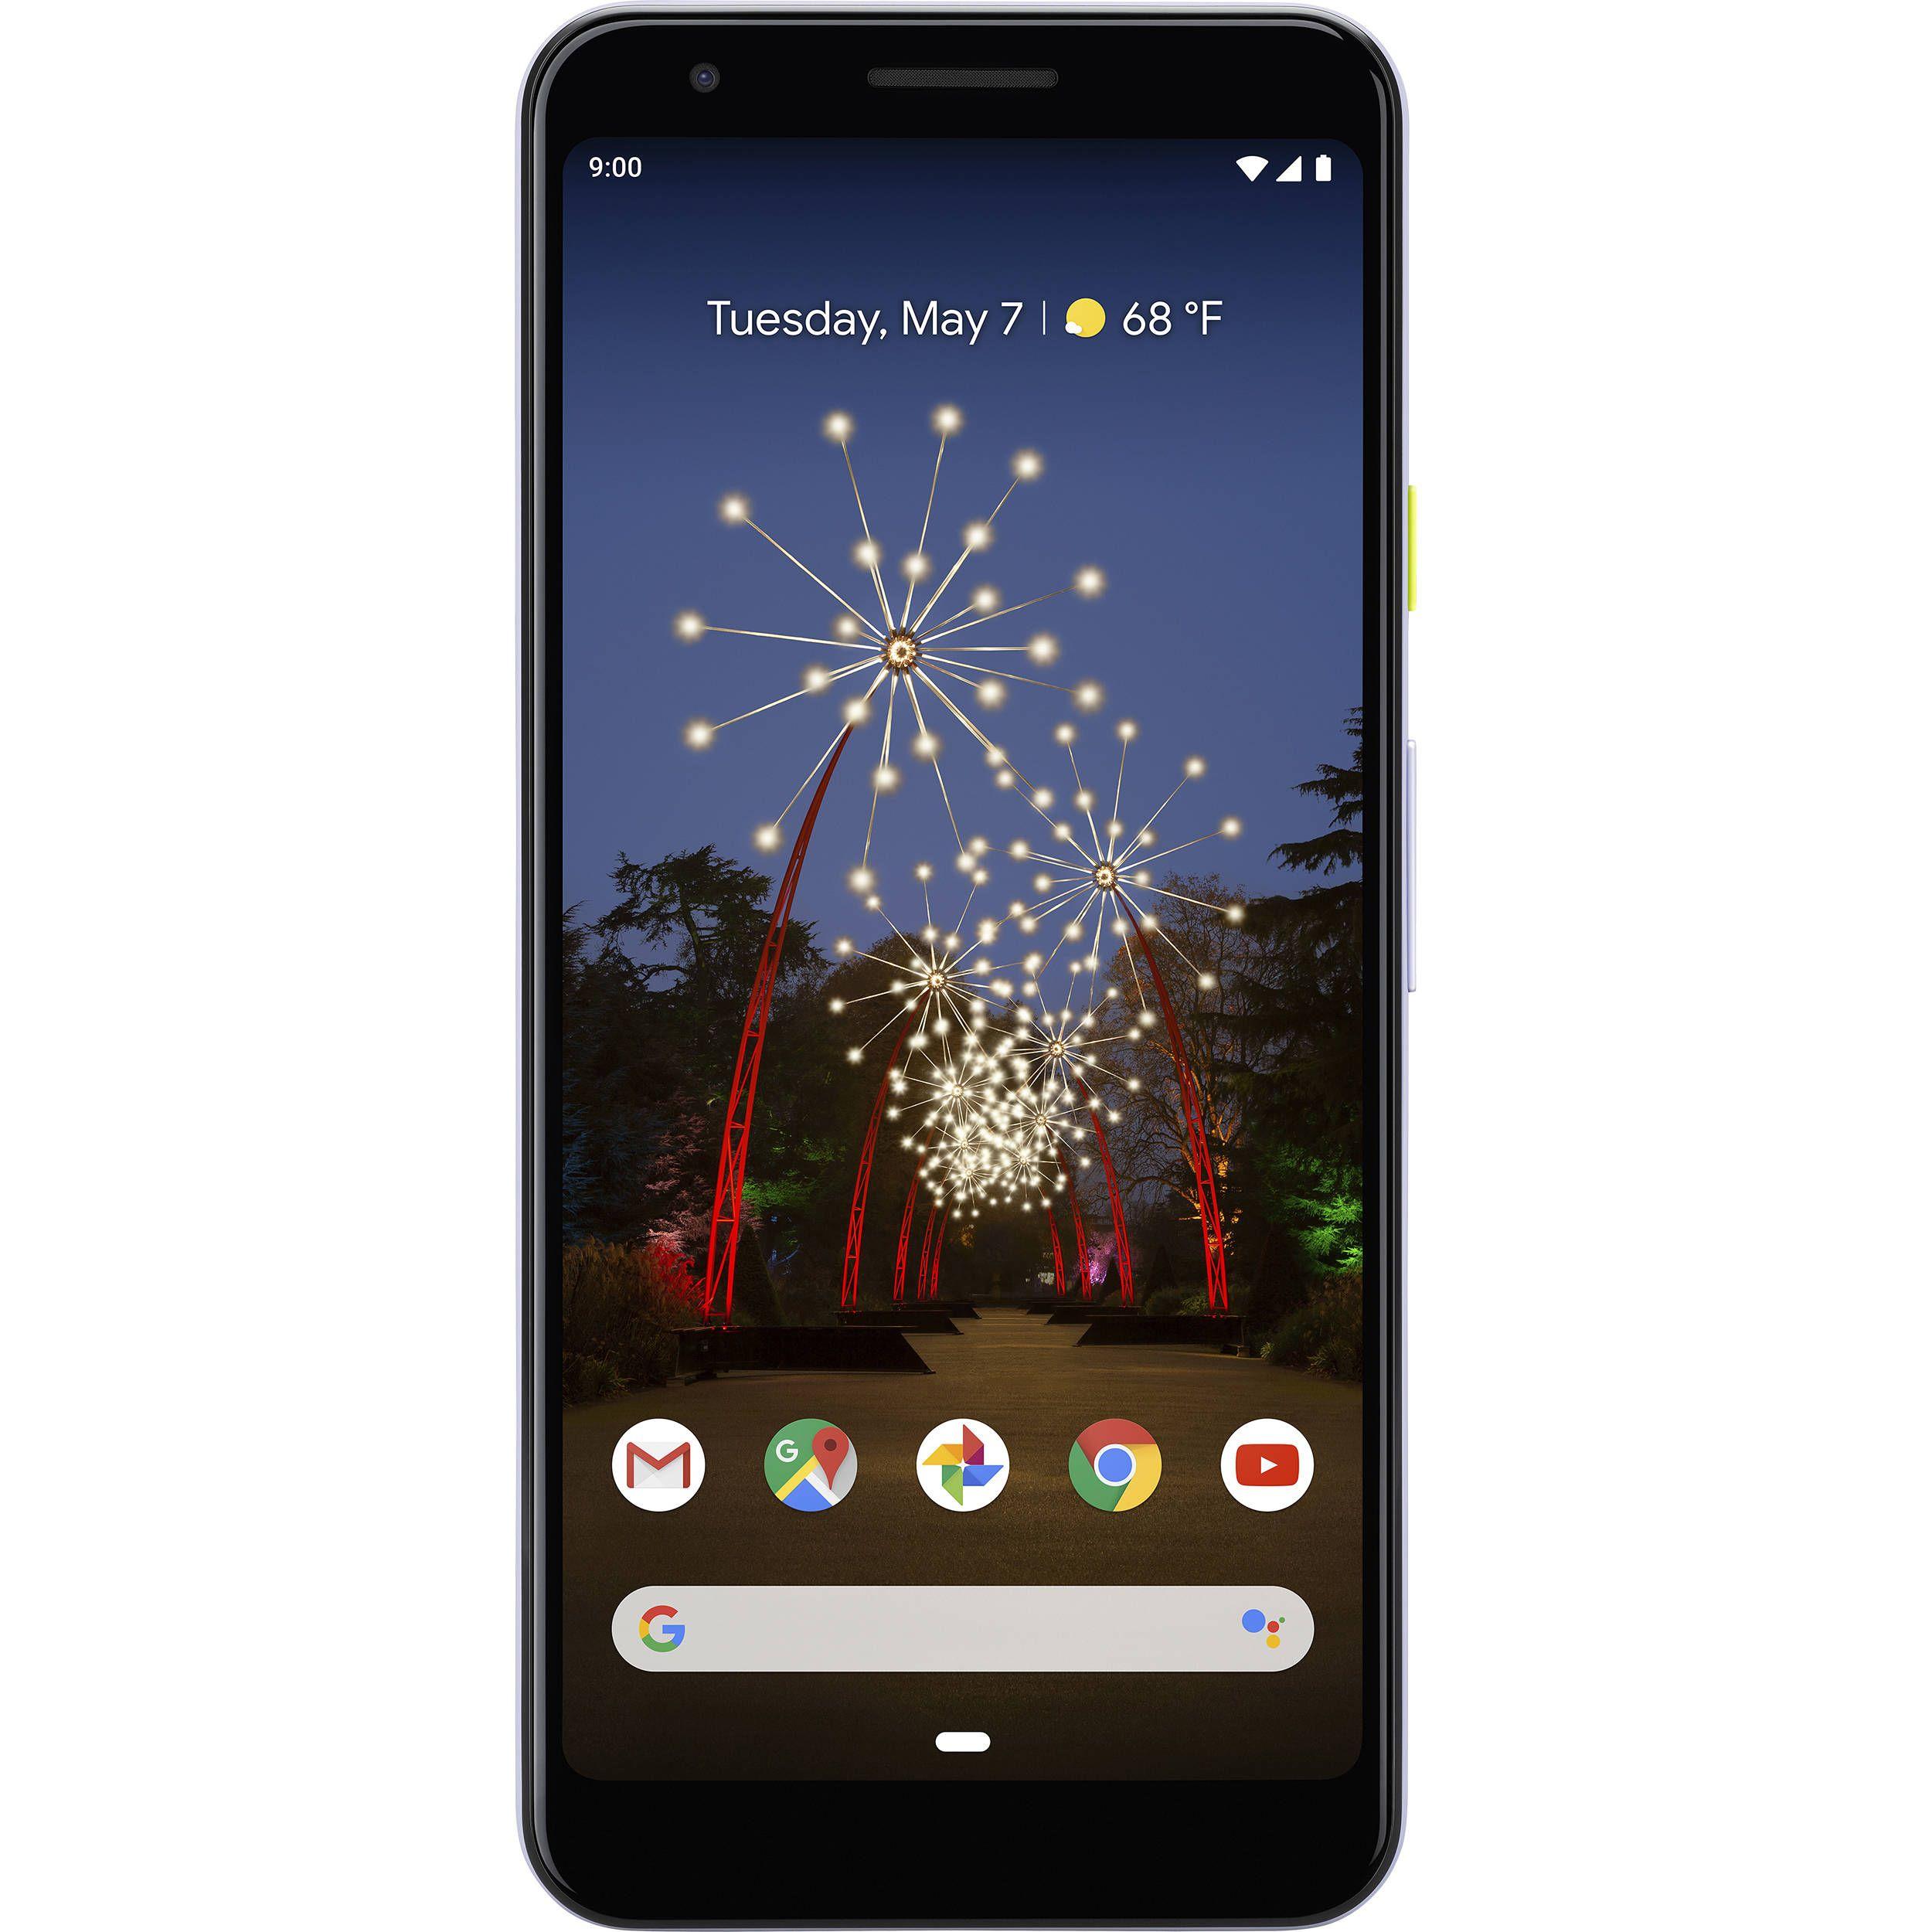 [Vodafone-Netz] Google Pixel 3a für 19,99€ Zuzahlung mit Klarmobil Tarif (5GB LTE, Allnet- & SMS-Flat) für 12,99€ / Monat | 20€ Cashback